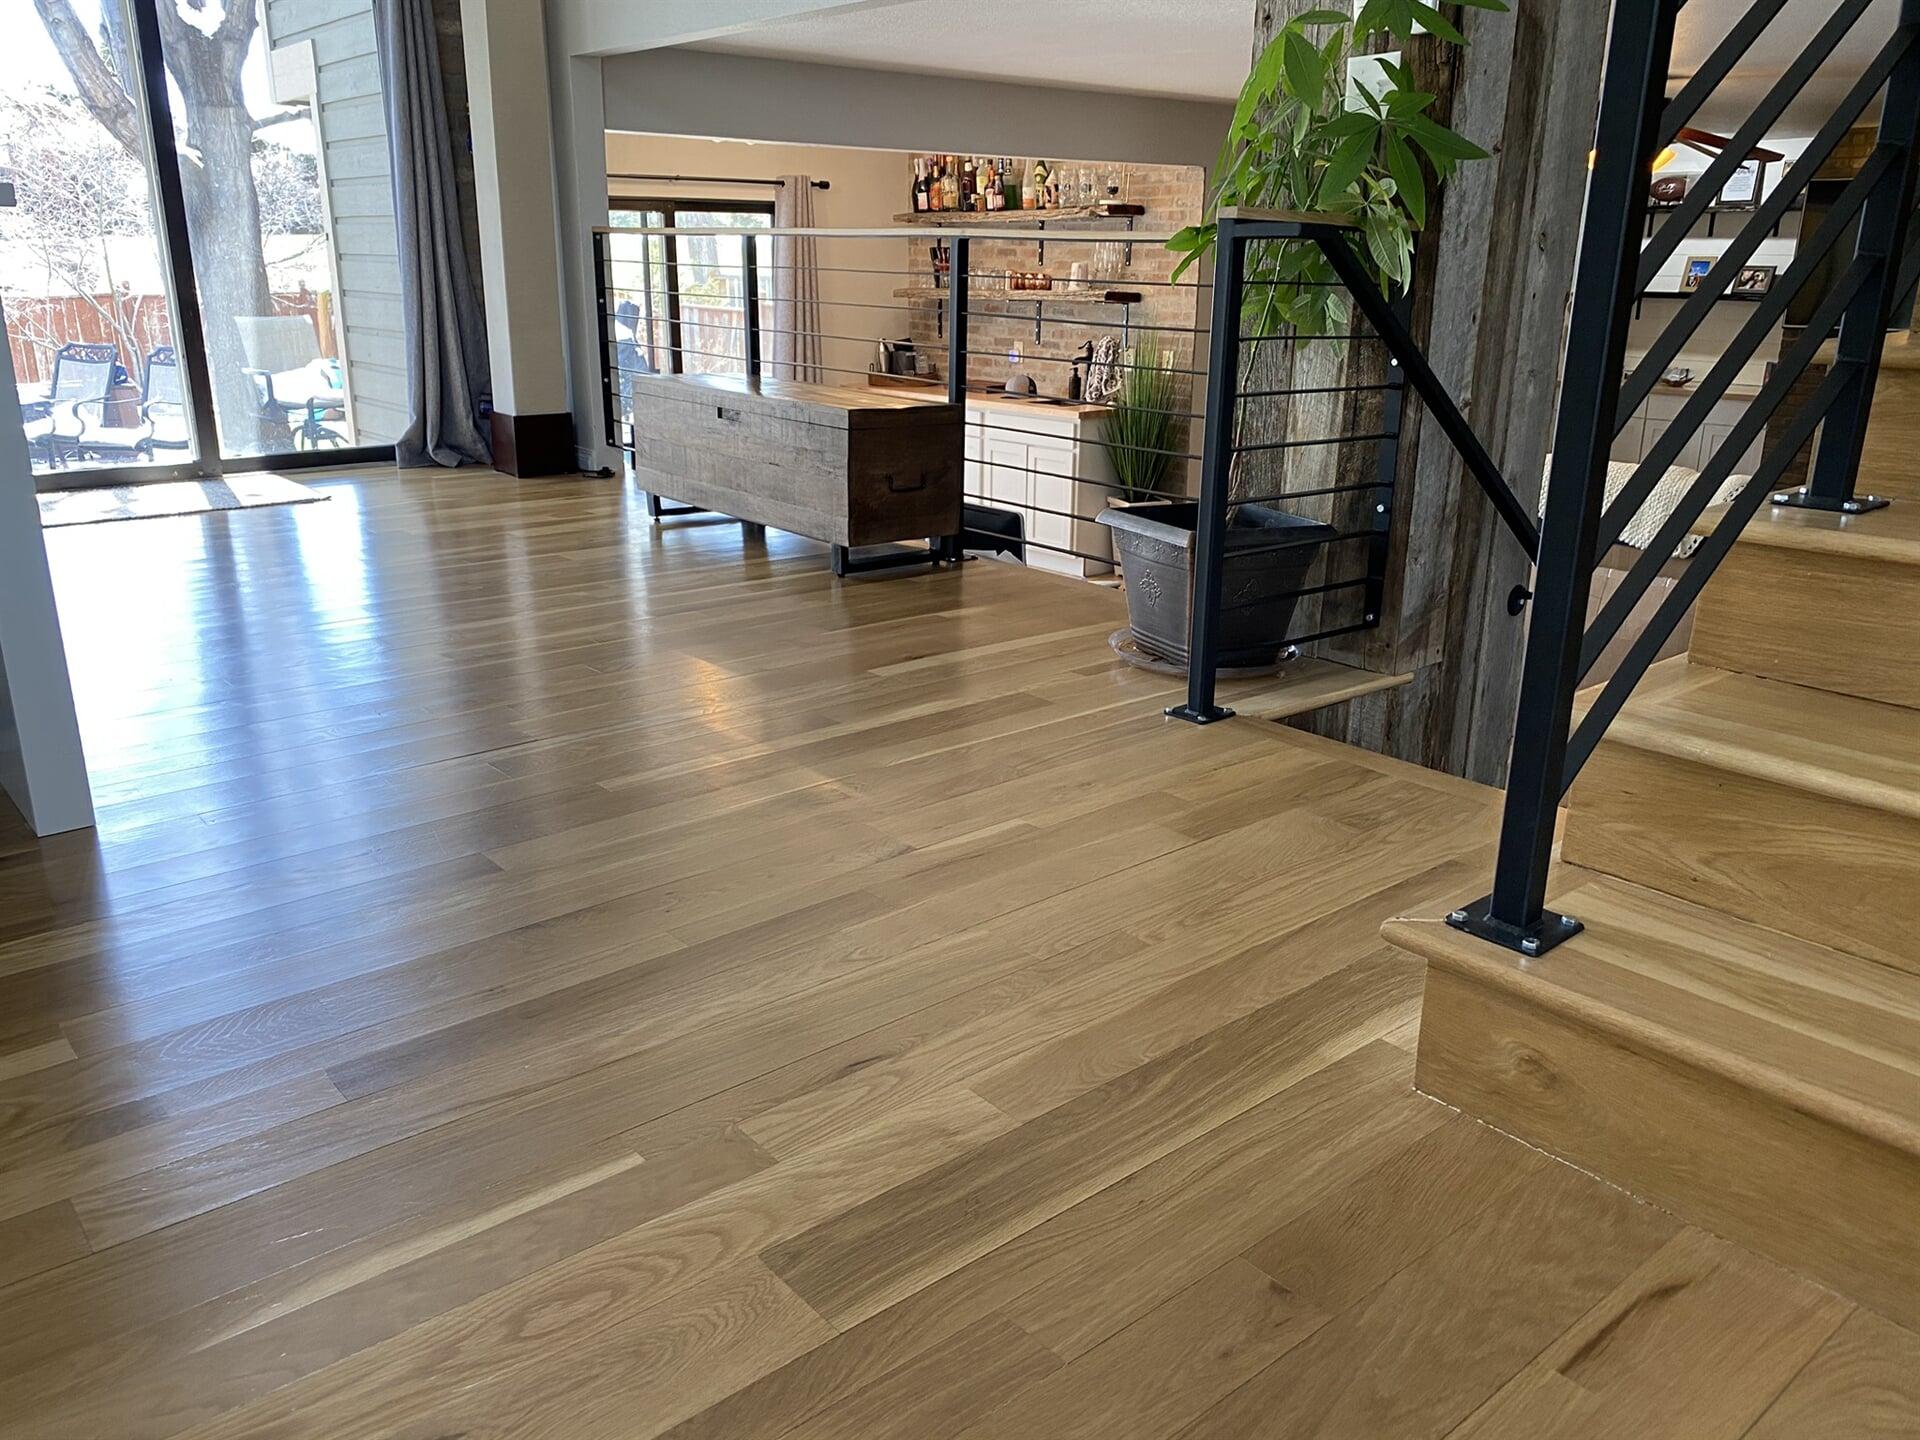 Vinyl plank flooring in Timnath, CO from JT Flooring